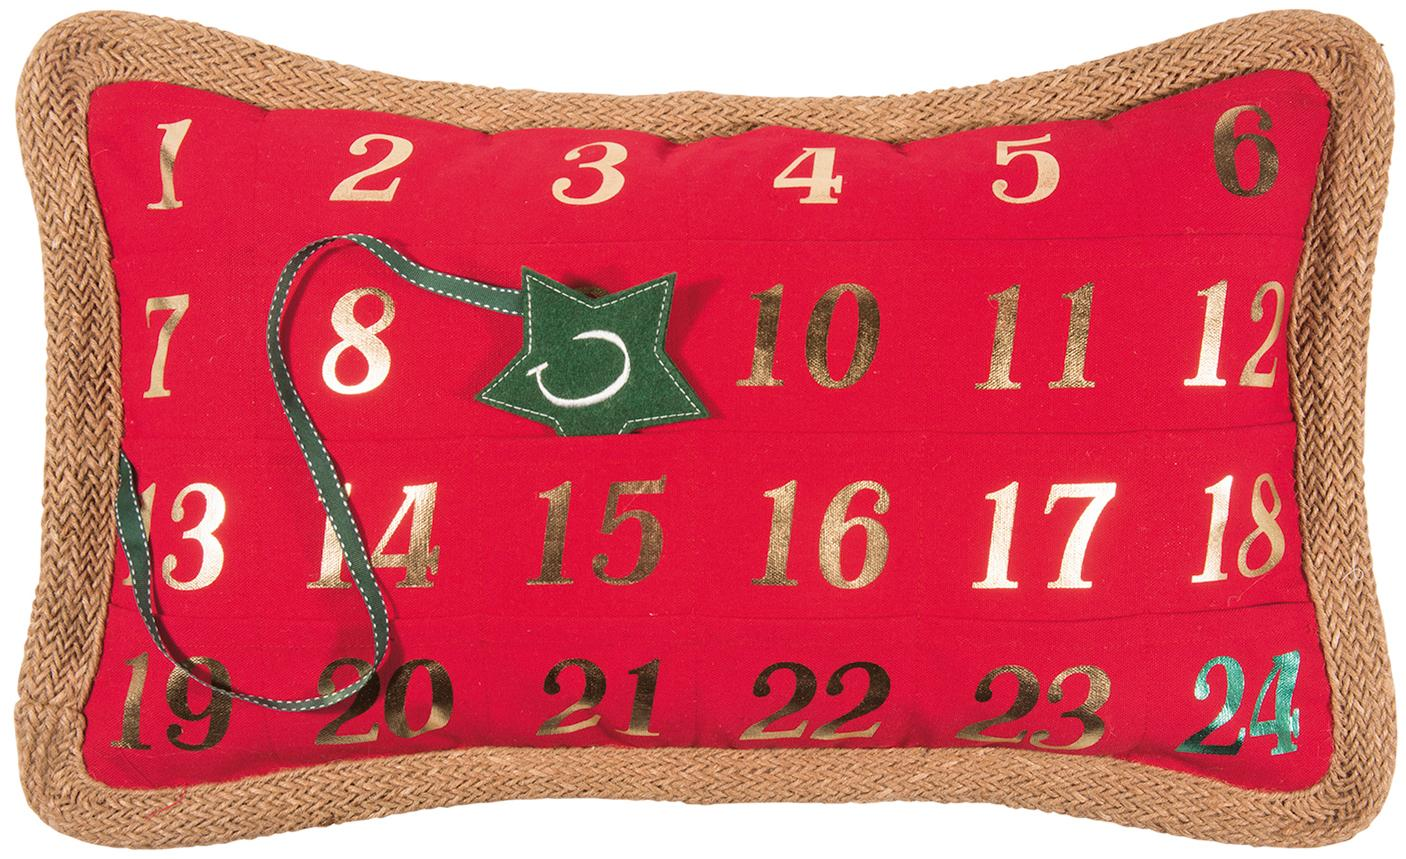 Adventskalender-Kissenhülle Advent, 95% Polyester, 5% Leinen, Rot, Grün, 35 x 60 cm